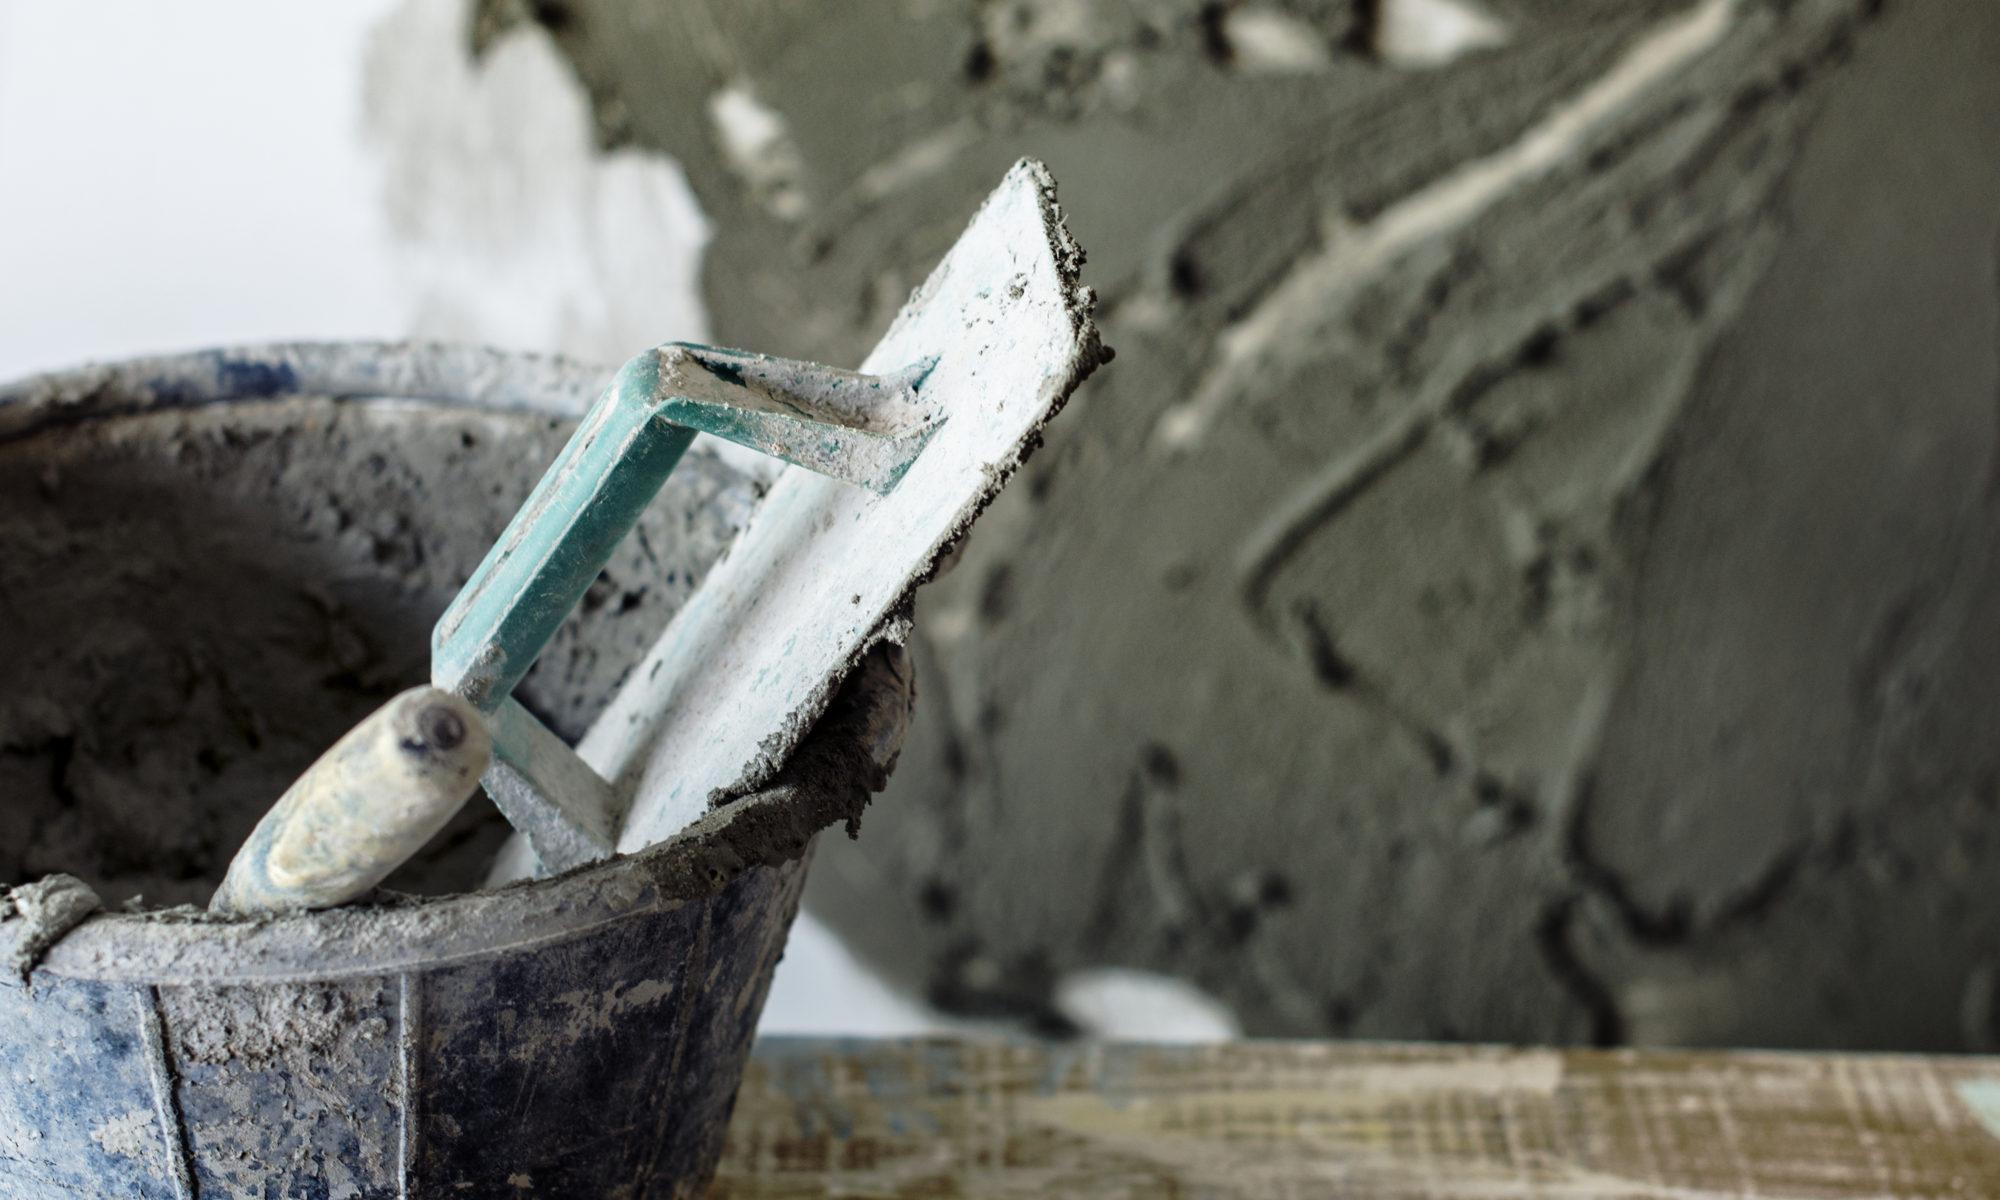 ¿Cómo limpiar residuos calcáreos, como cemento tras una obra?